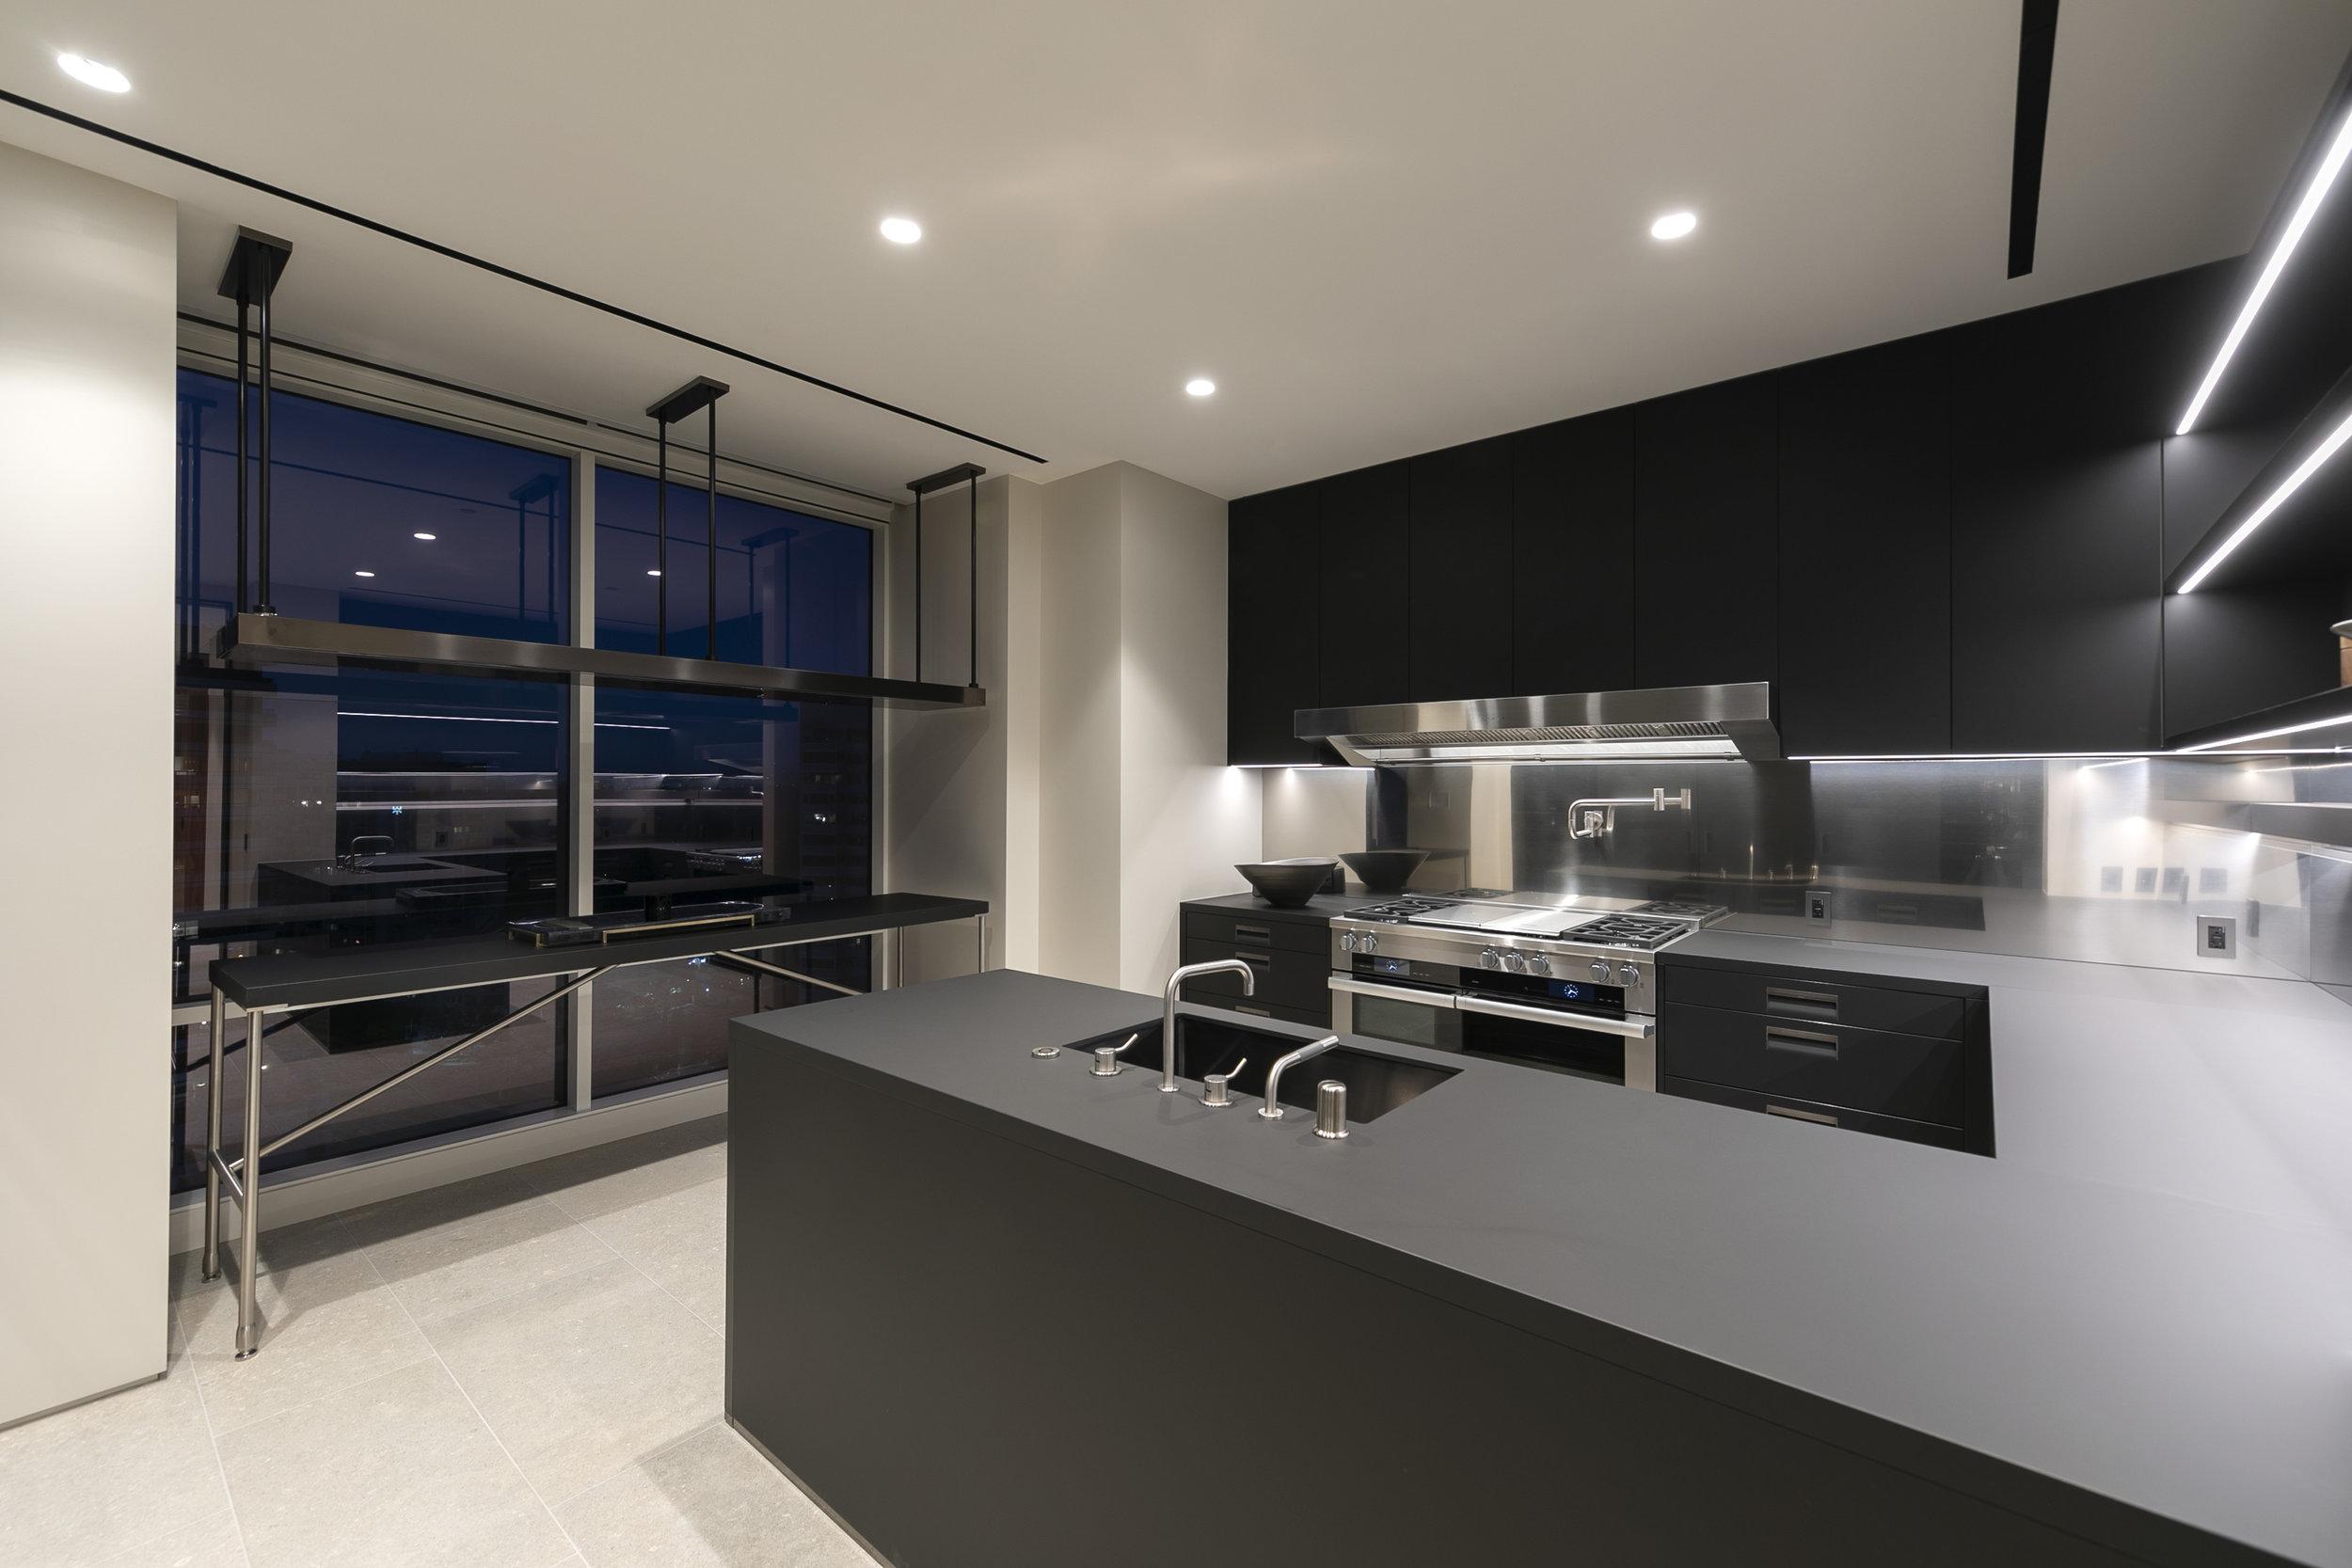 11-Kitchen_60A5656.jpg